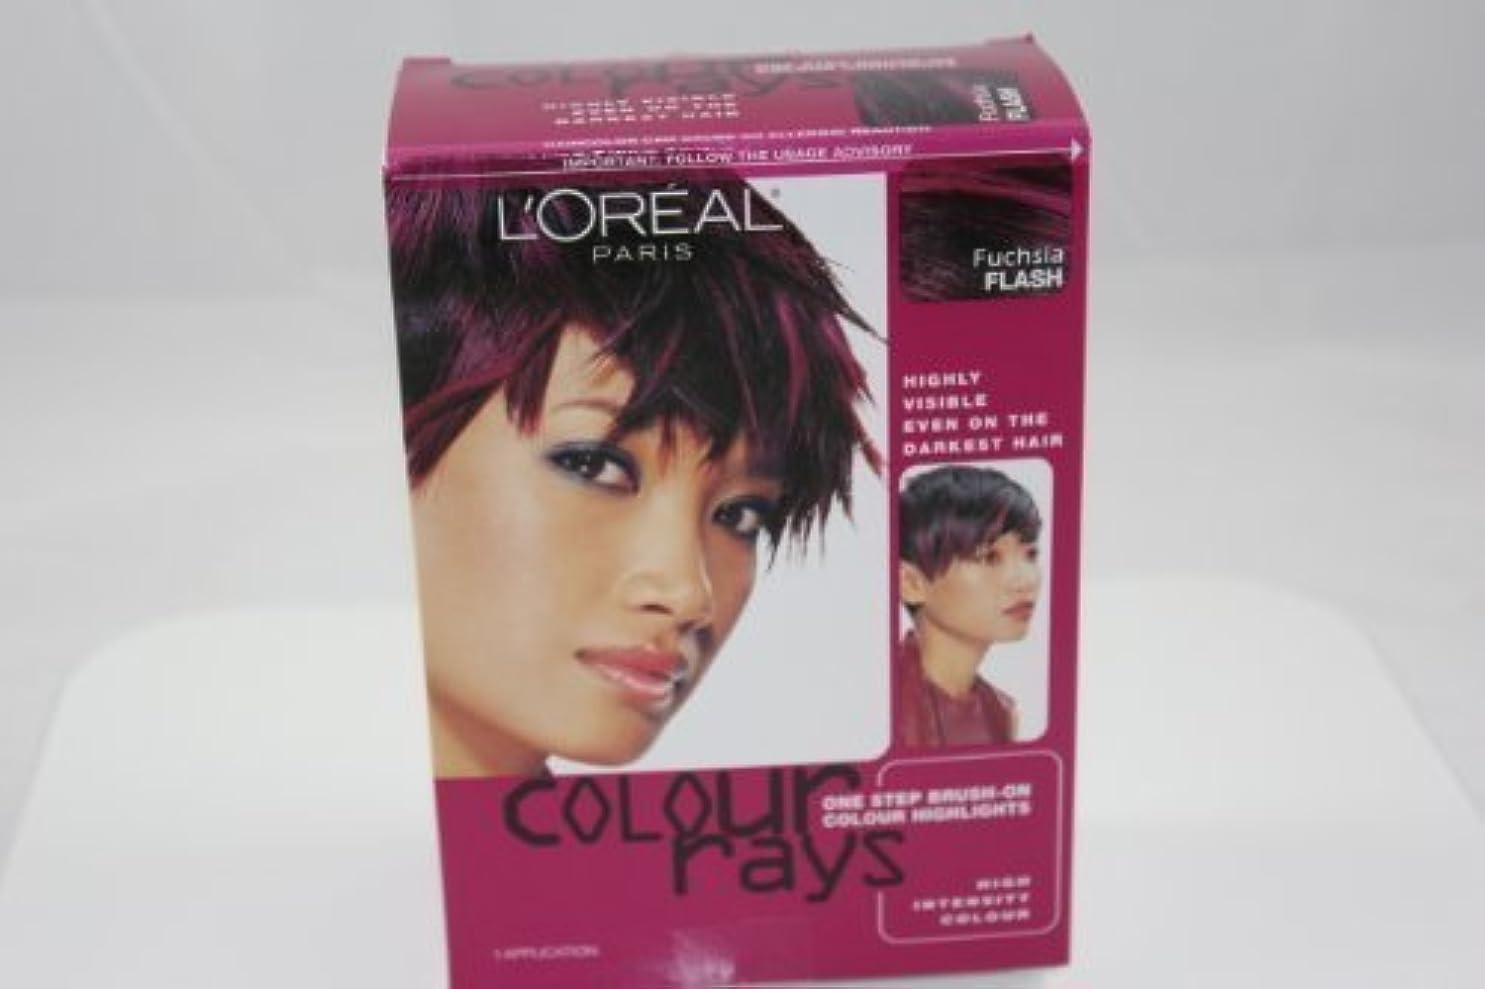 静かにその結果持ってるL'Oreal Paris Colour Rays Hair Color, Fuschia Flash by L'Oreal Paris Hair Color [並行輸入品]